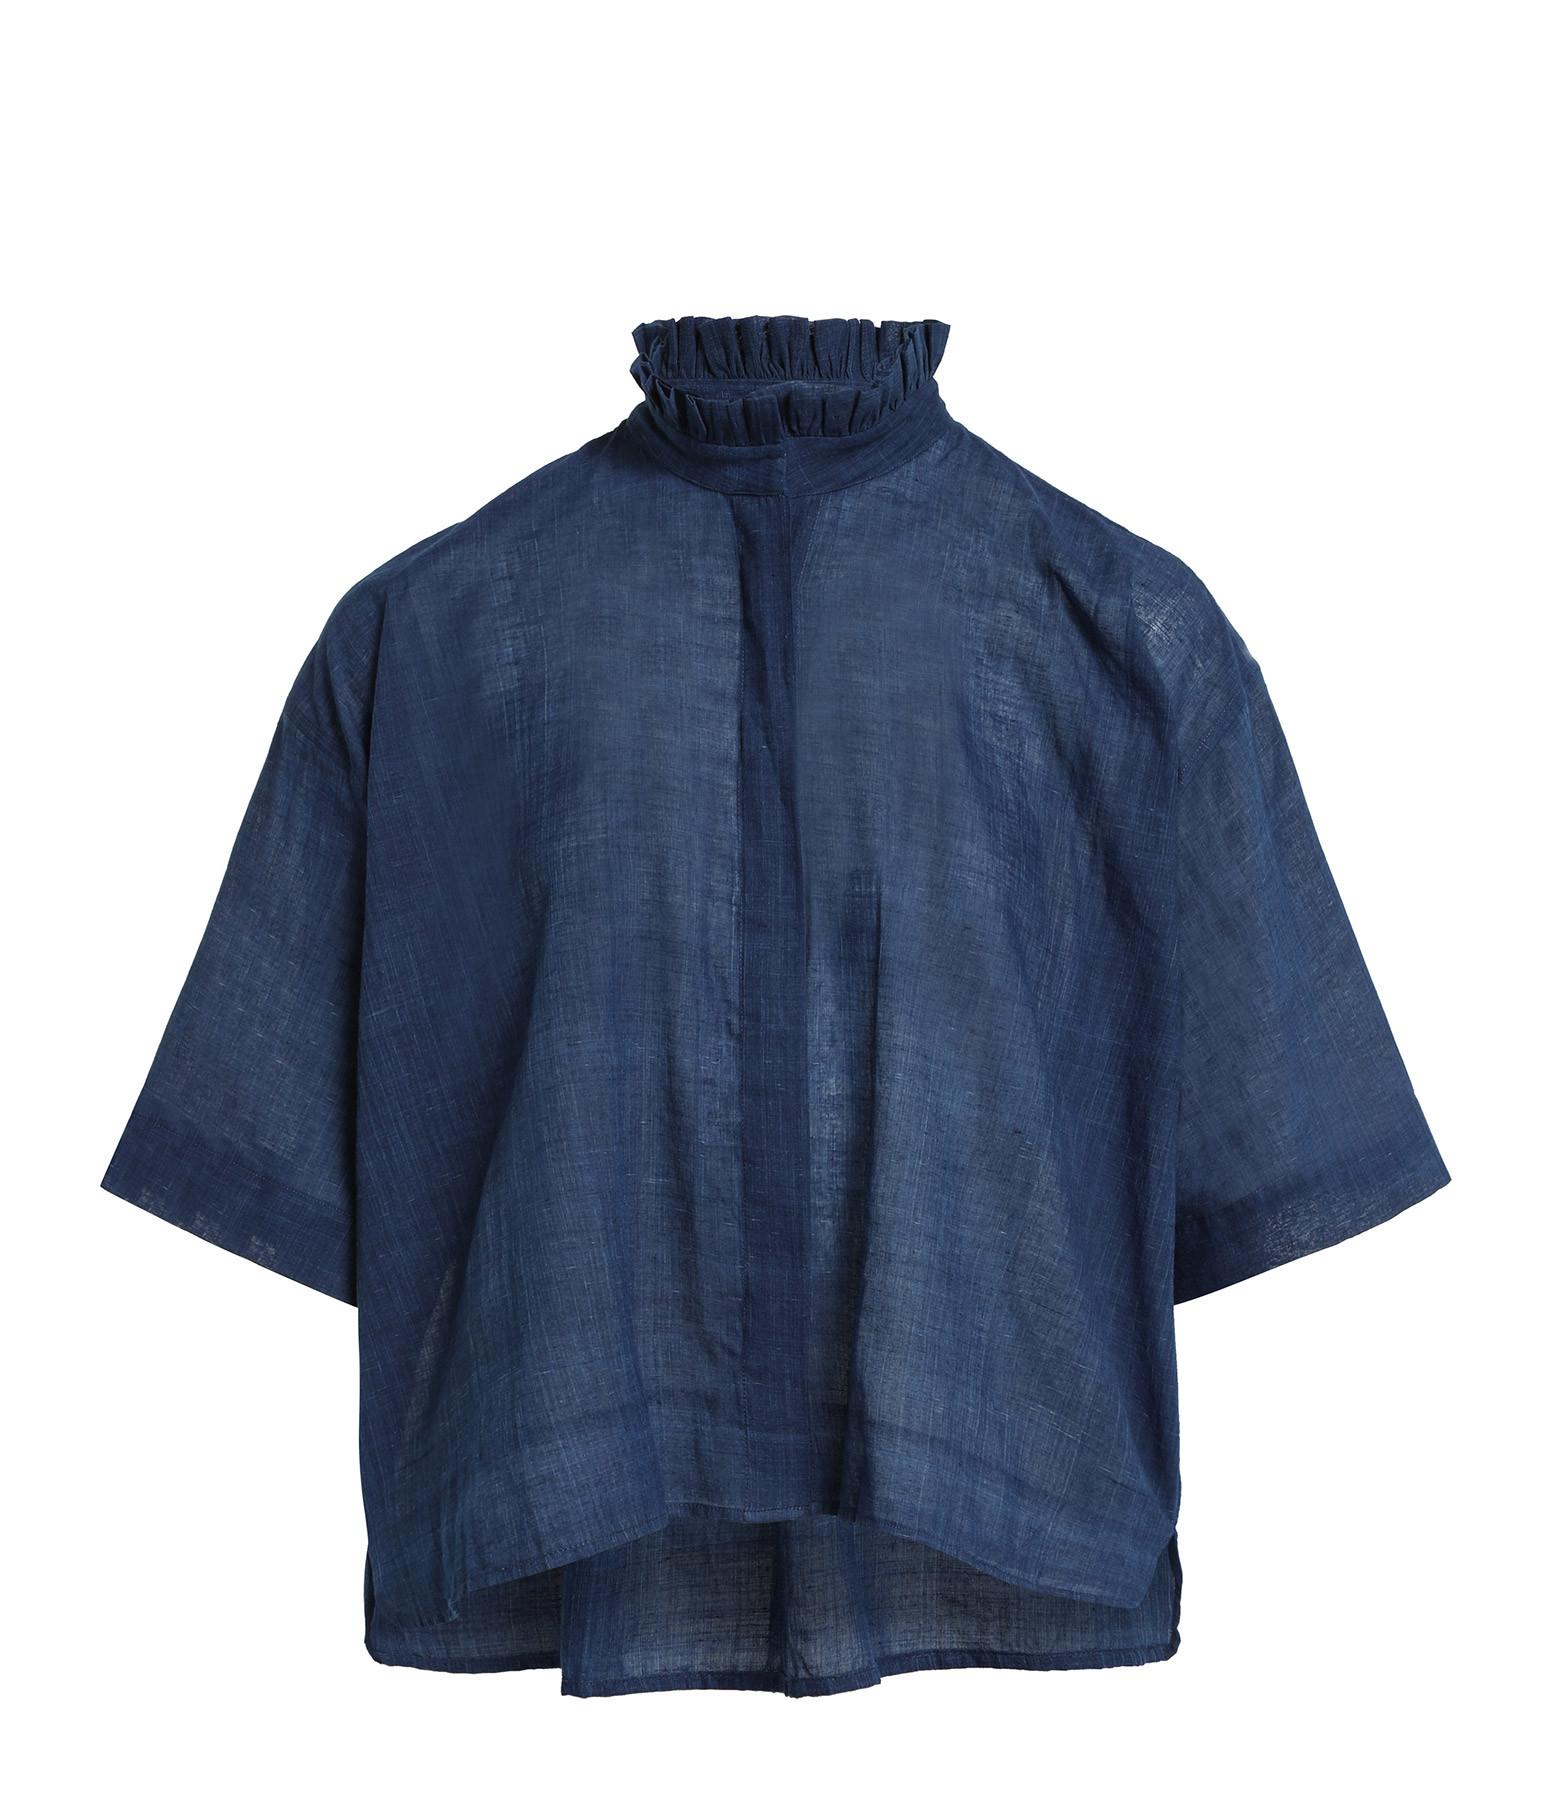 MII - Blouse Natural Coton Indigo